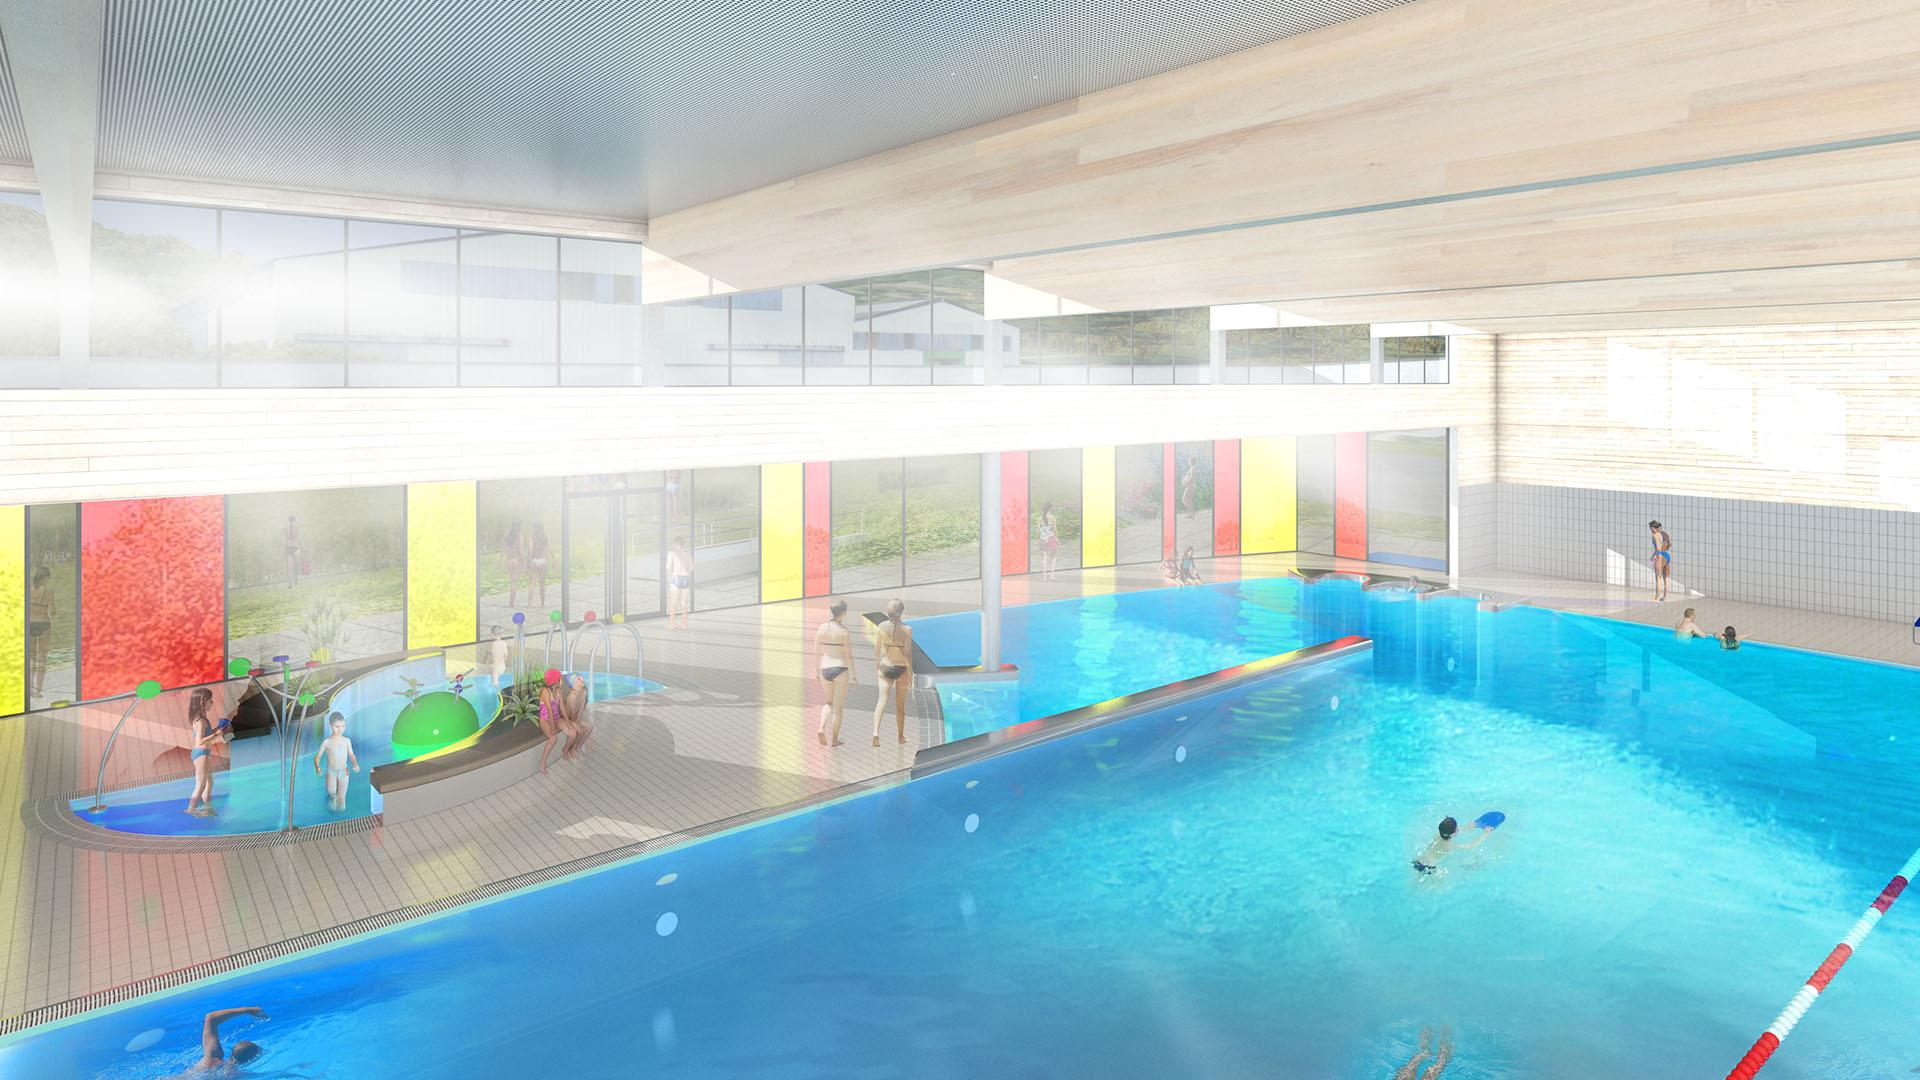 Centre Aquatique De Malestroit | Atelier Périnet-Marquet Et ... à Piscine Malestroit